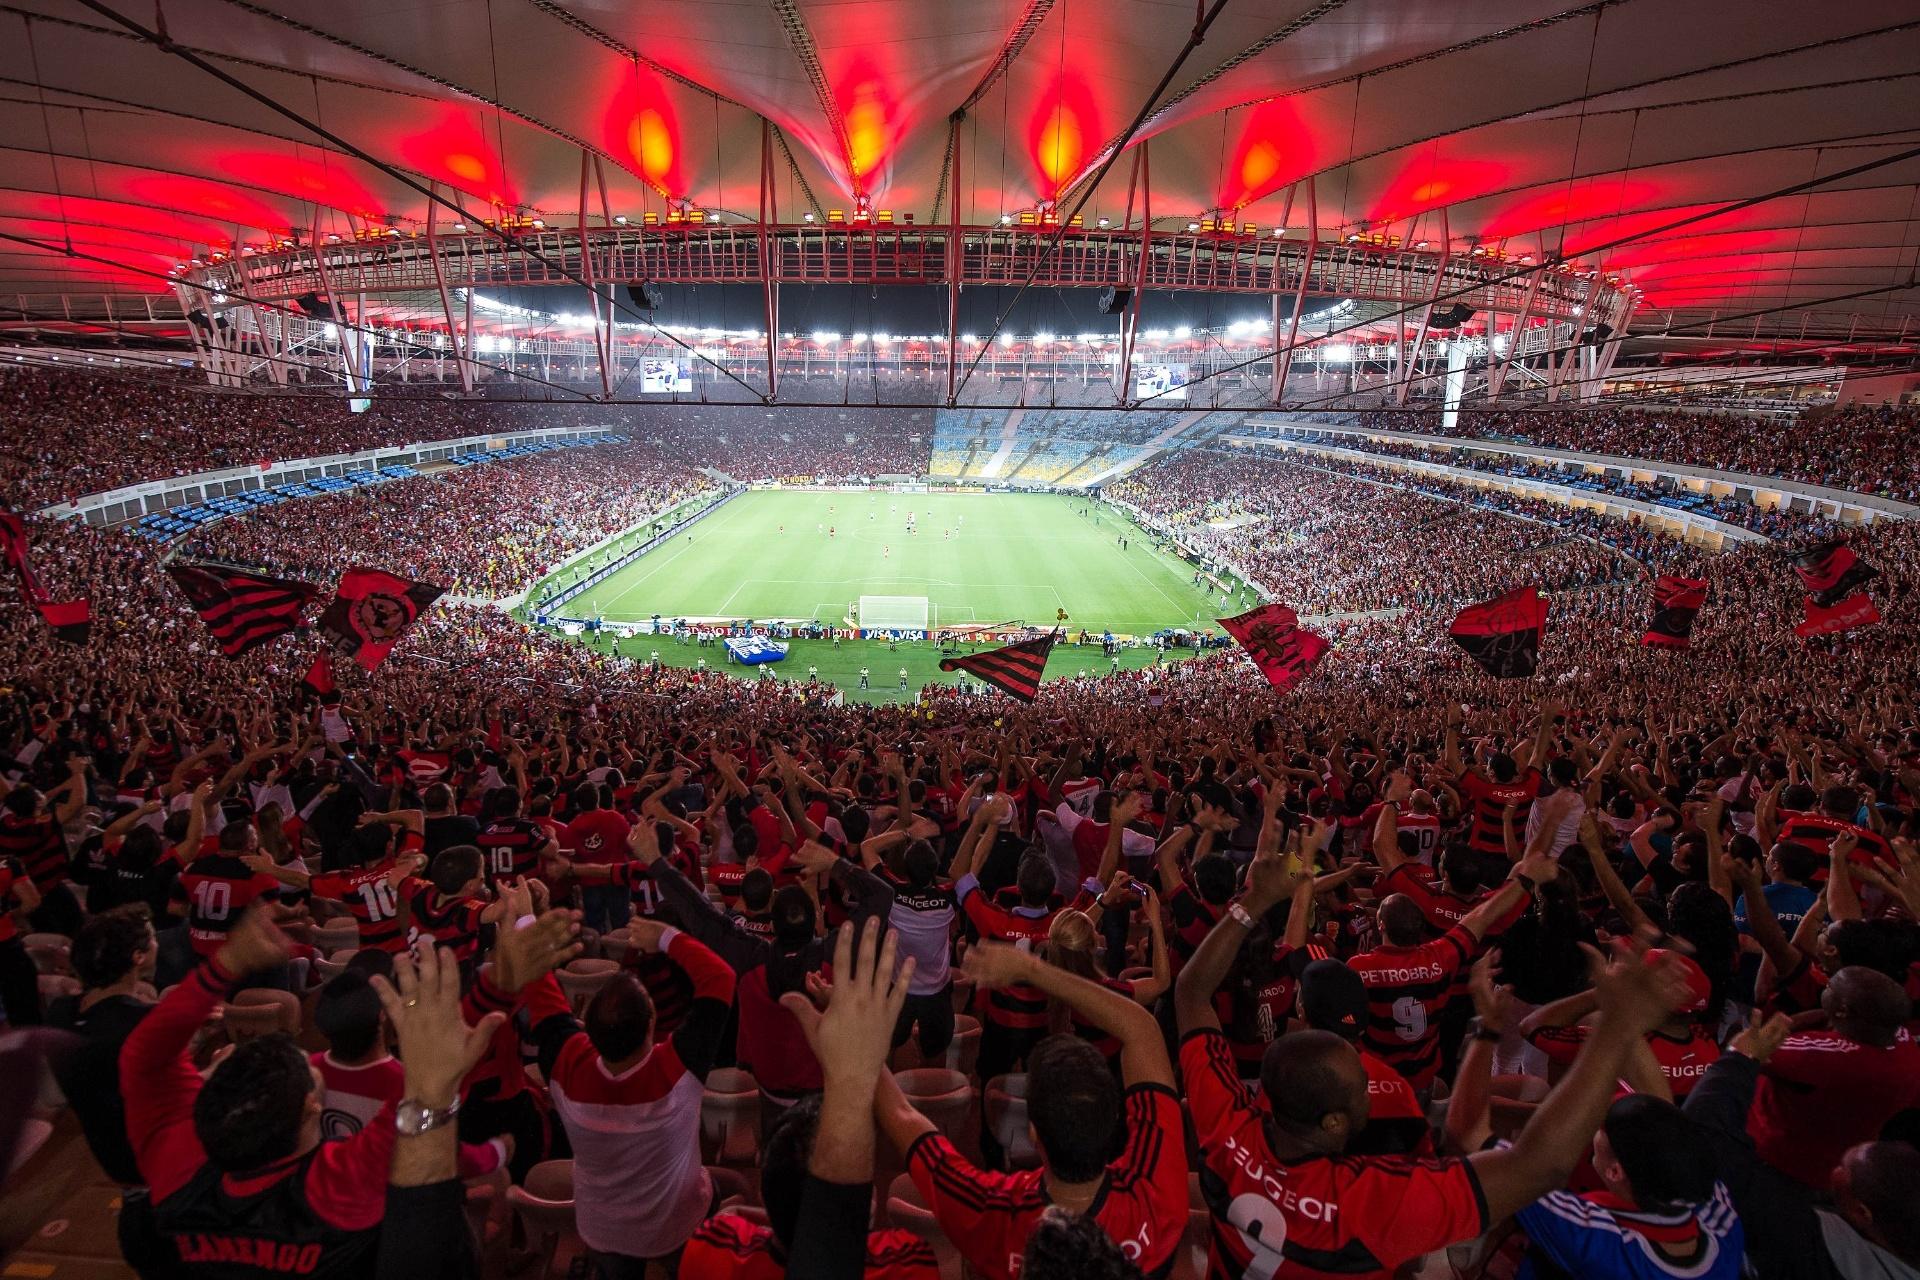 Torcedores do Flamengo comemoram gol do Flamengo em partida contra o Goiás, pela Copa do Brasil